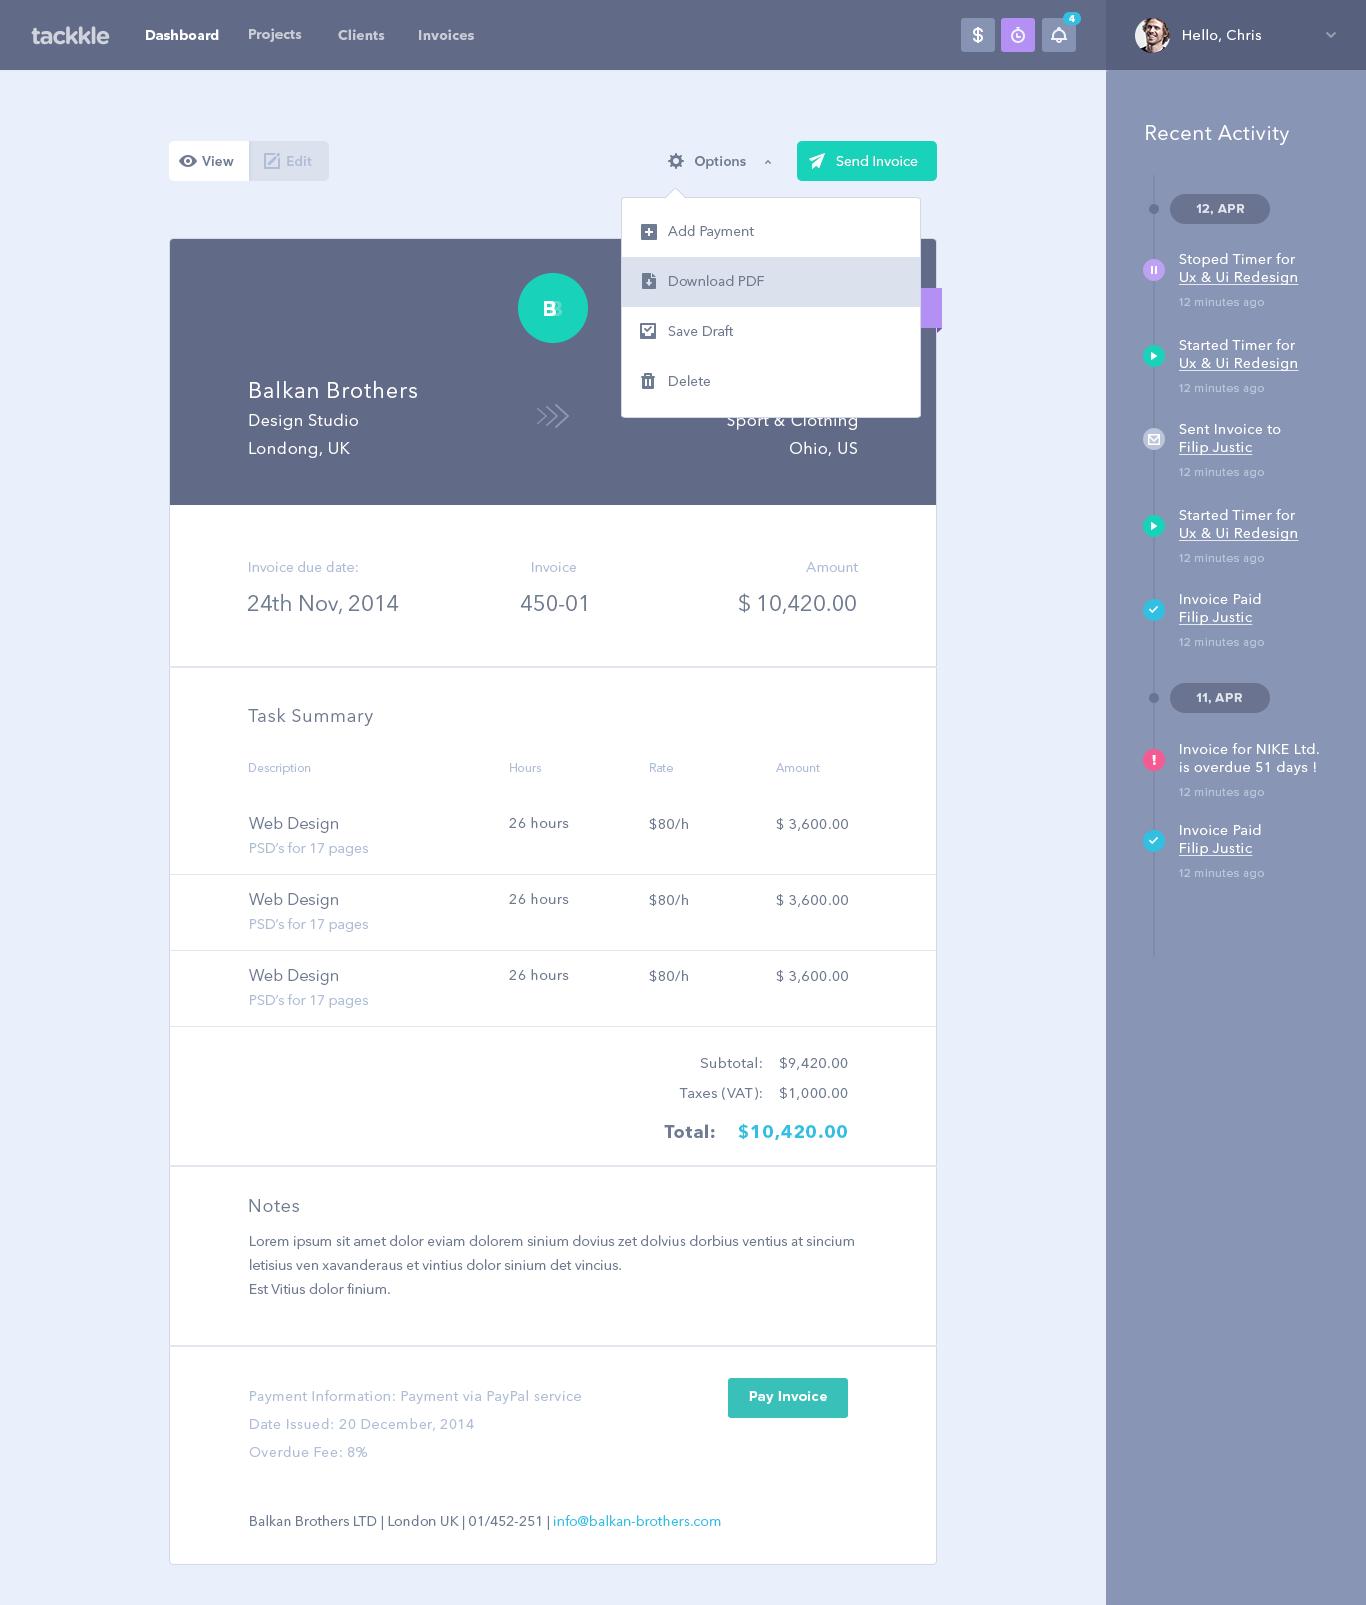 Invoice UI